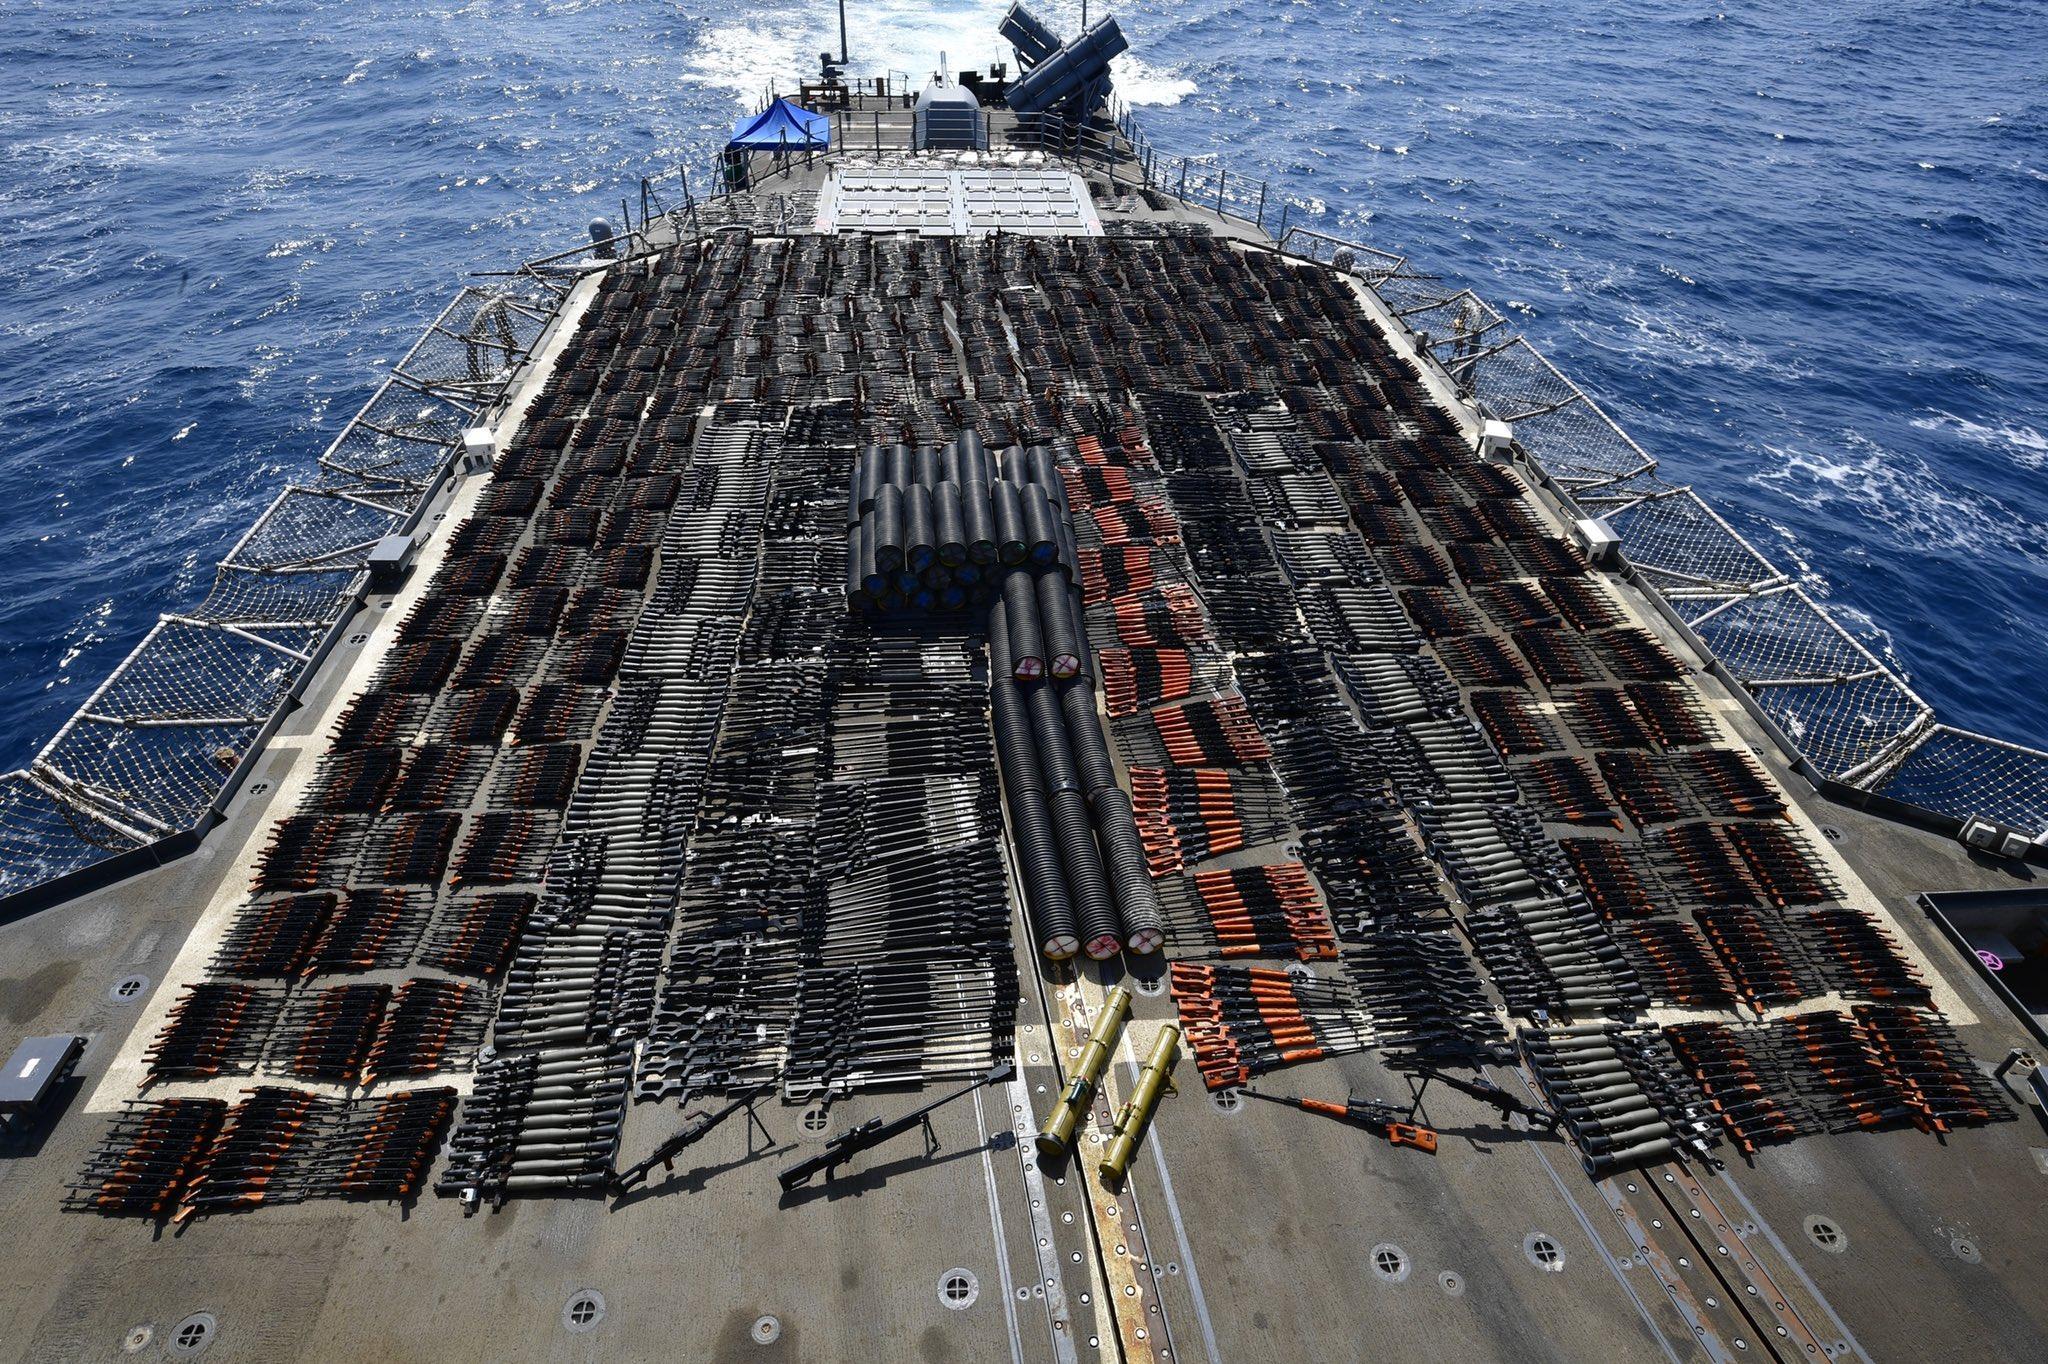 """البحرية الأمريكية تعلن مصادرة شحنة أسلحة ضخمة من مركب شراعي """"مجهول الجنسية"""" في بحر العرب"""